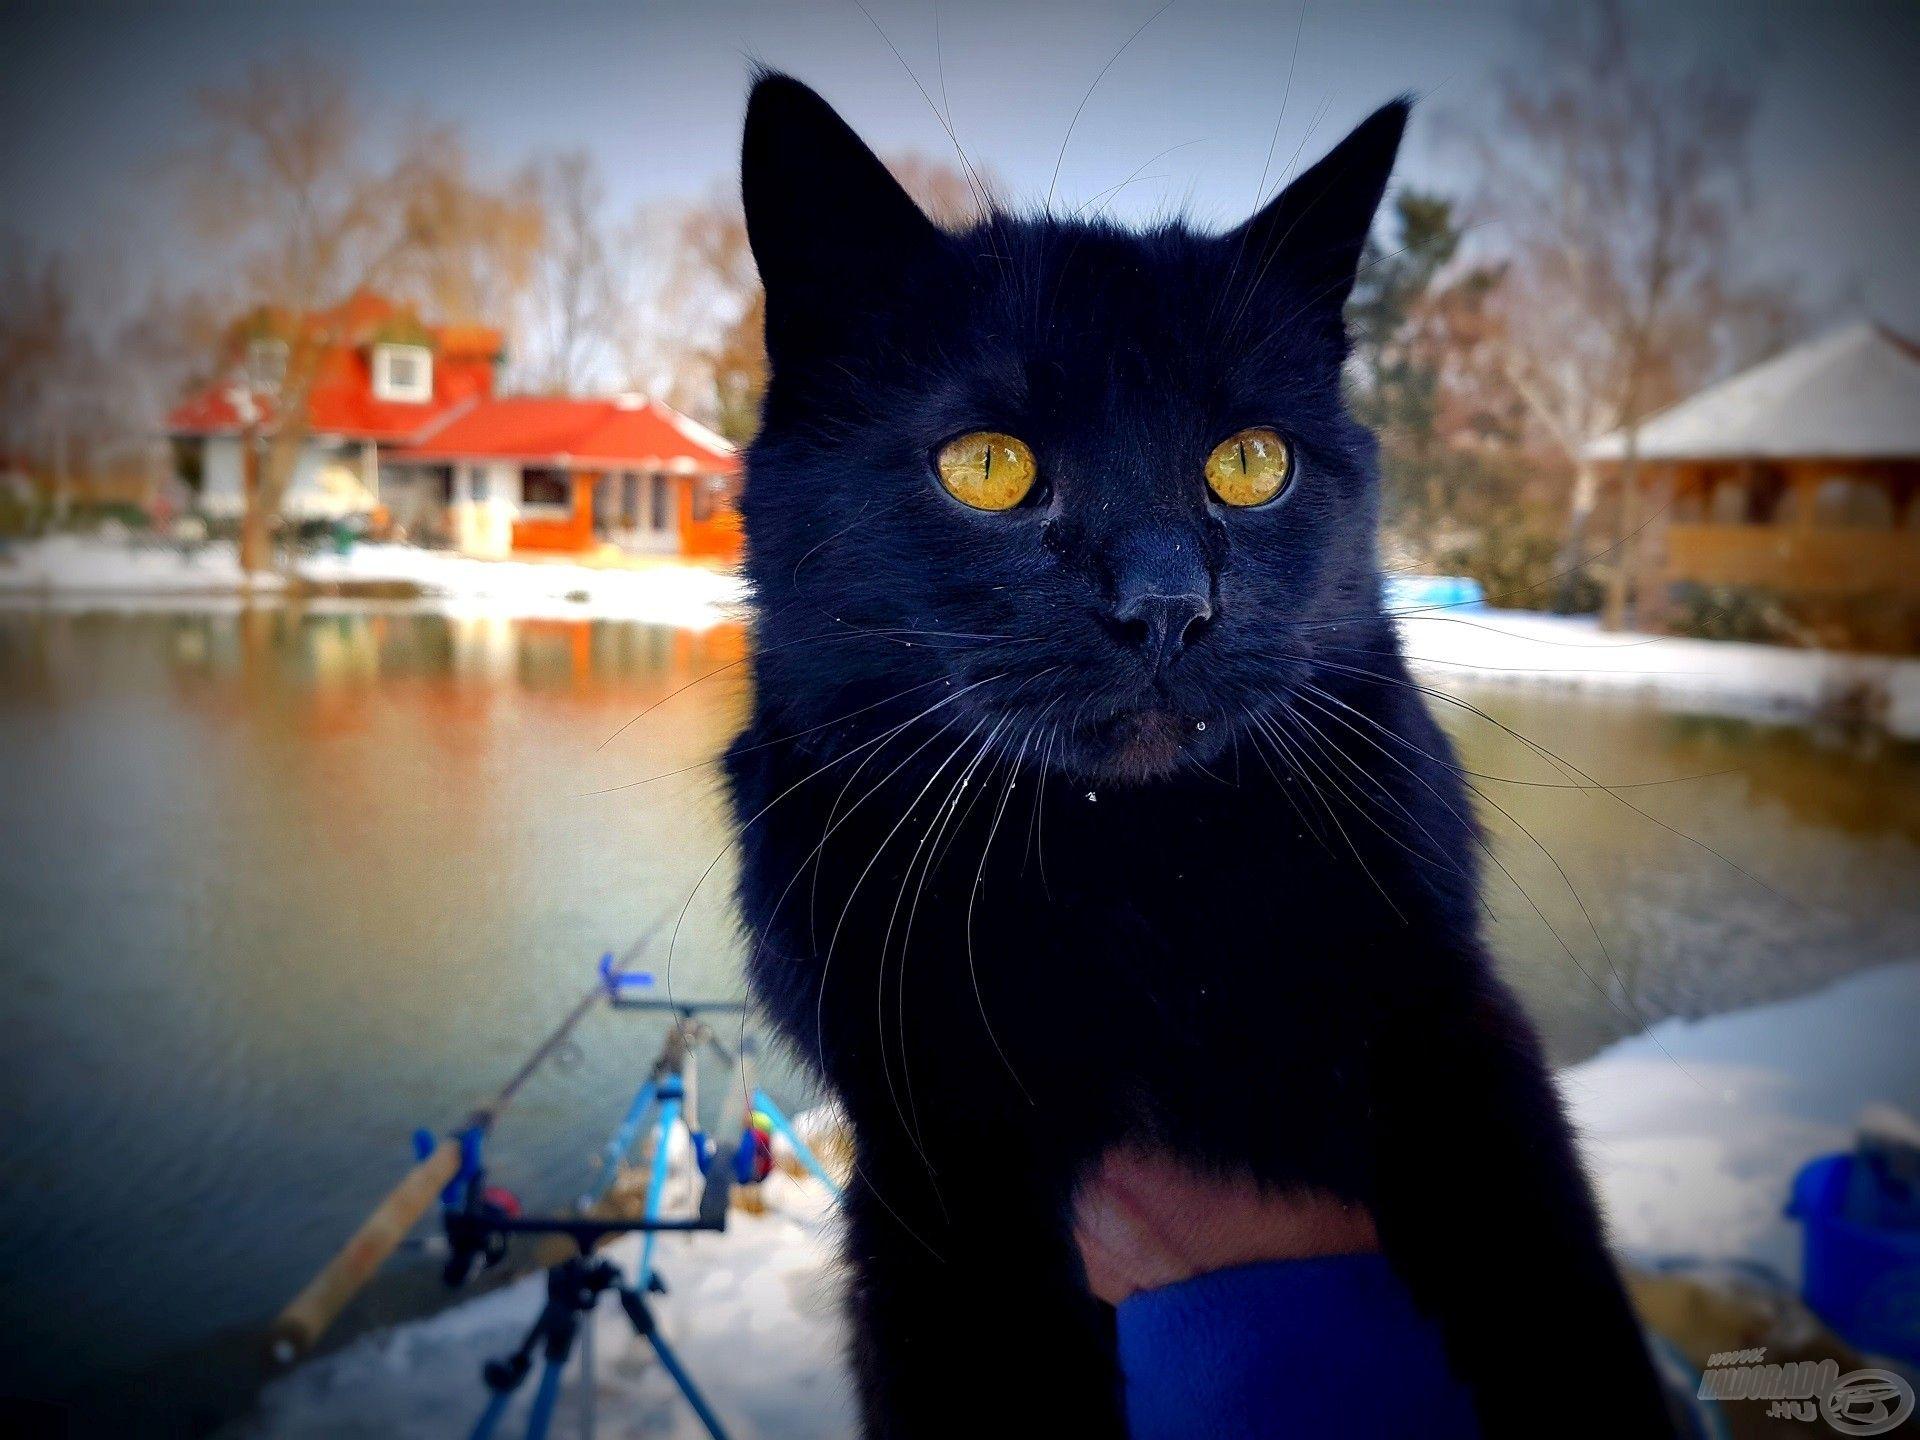 """Nem hozott balszerencsét a """"préri fekete macskája"""", s bár bundája kellemesen meleg volt, hamarosan útjára engedtem"""